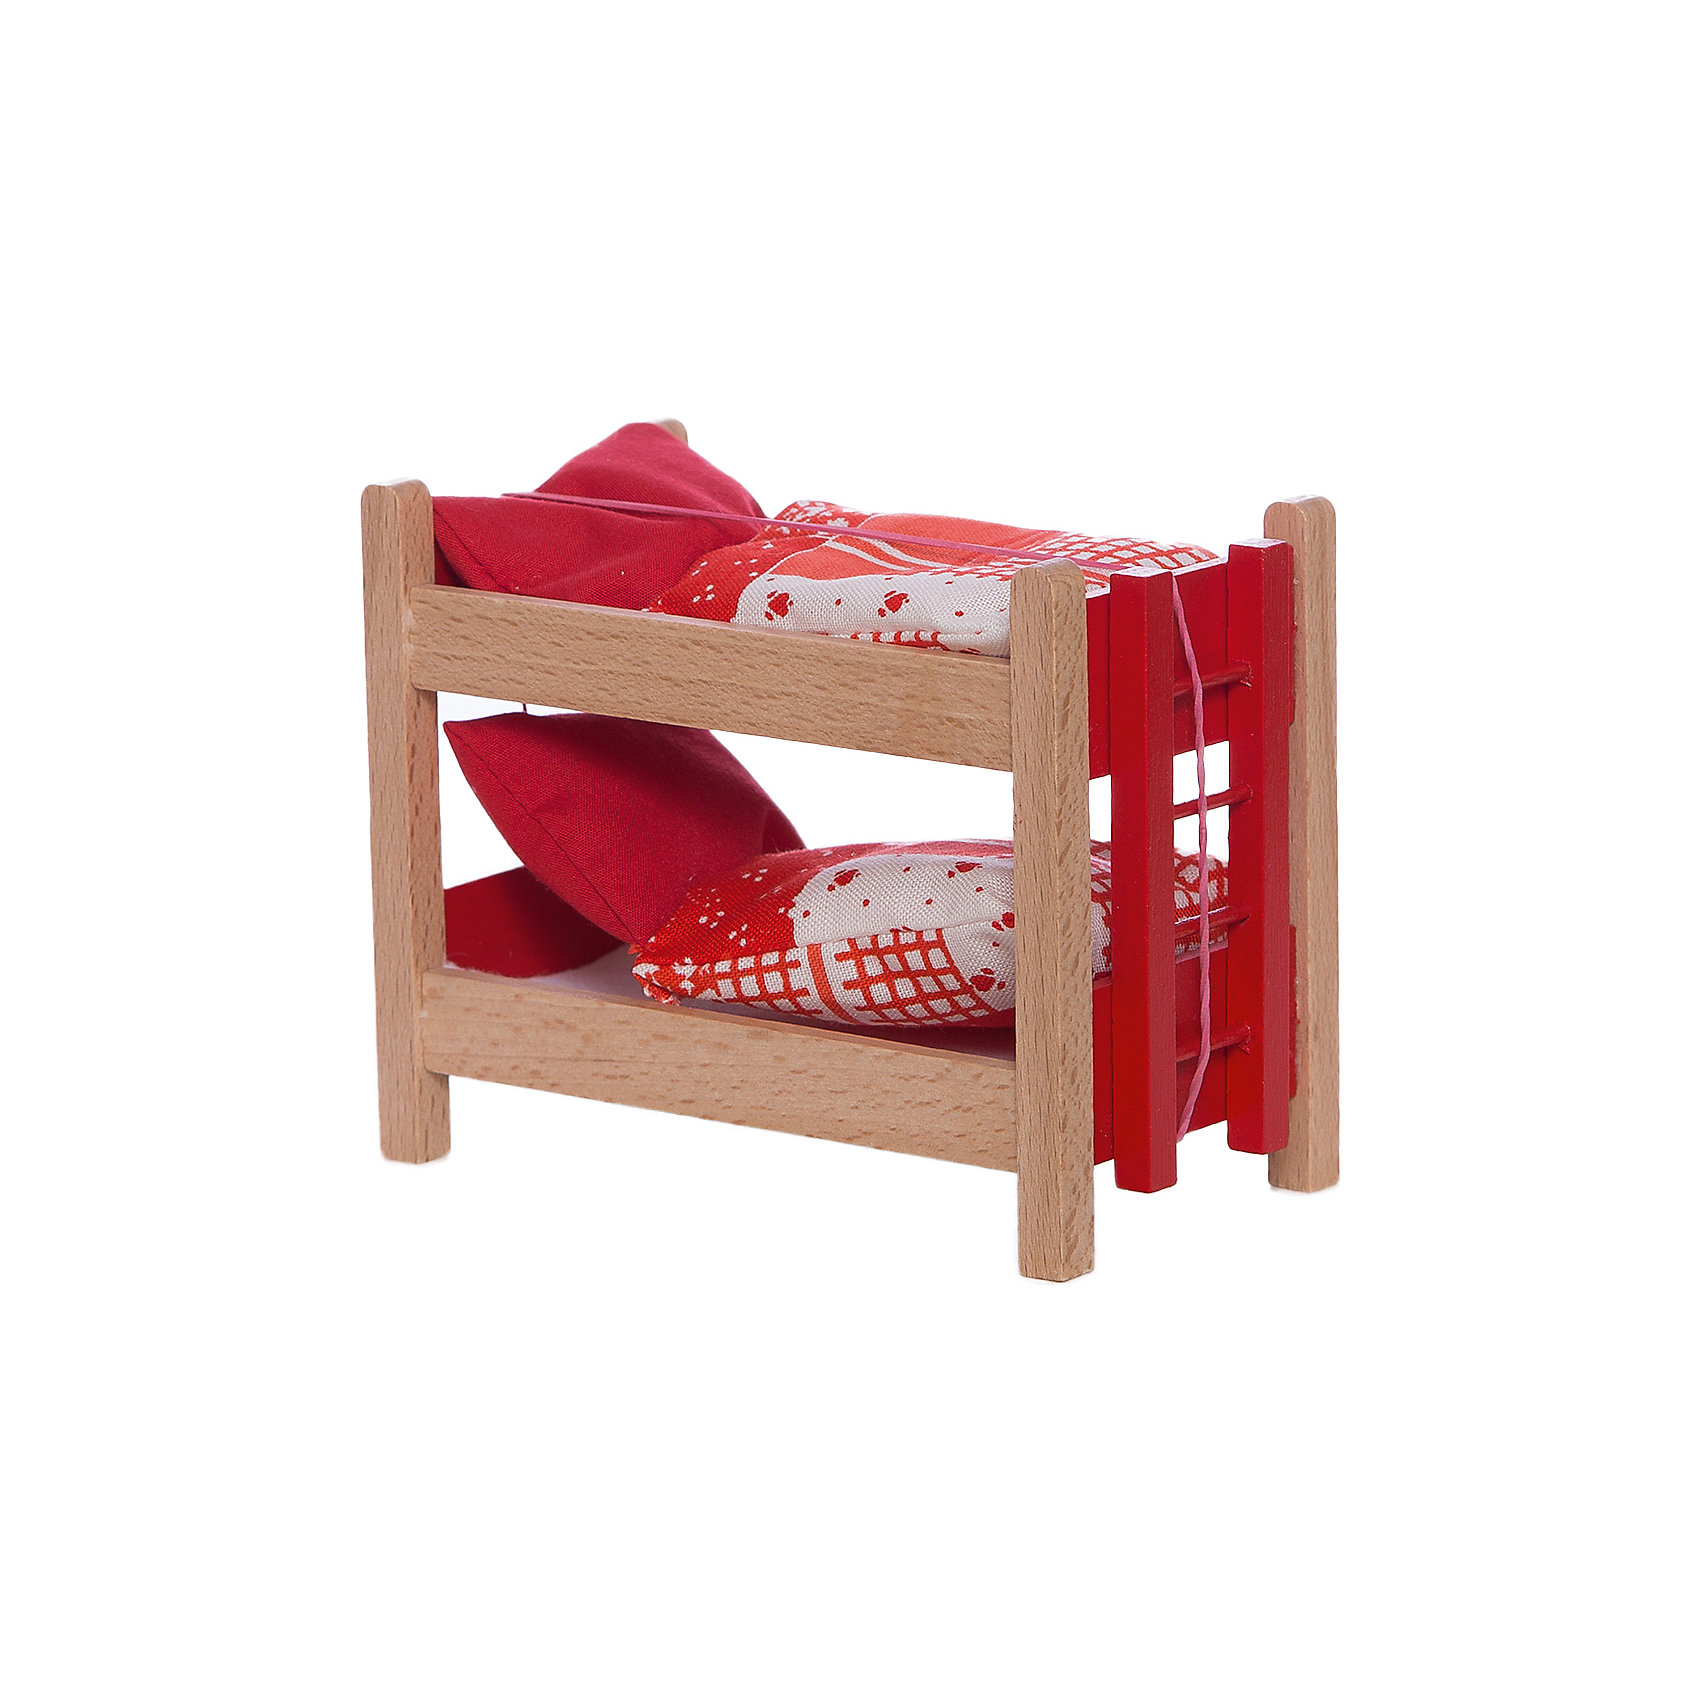 - Кровать двухъярусная с аксессуарами для мини-кукол